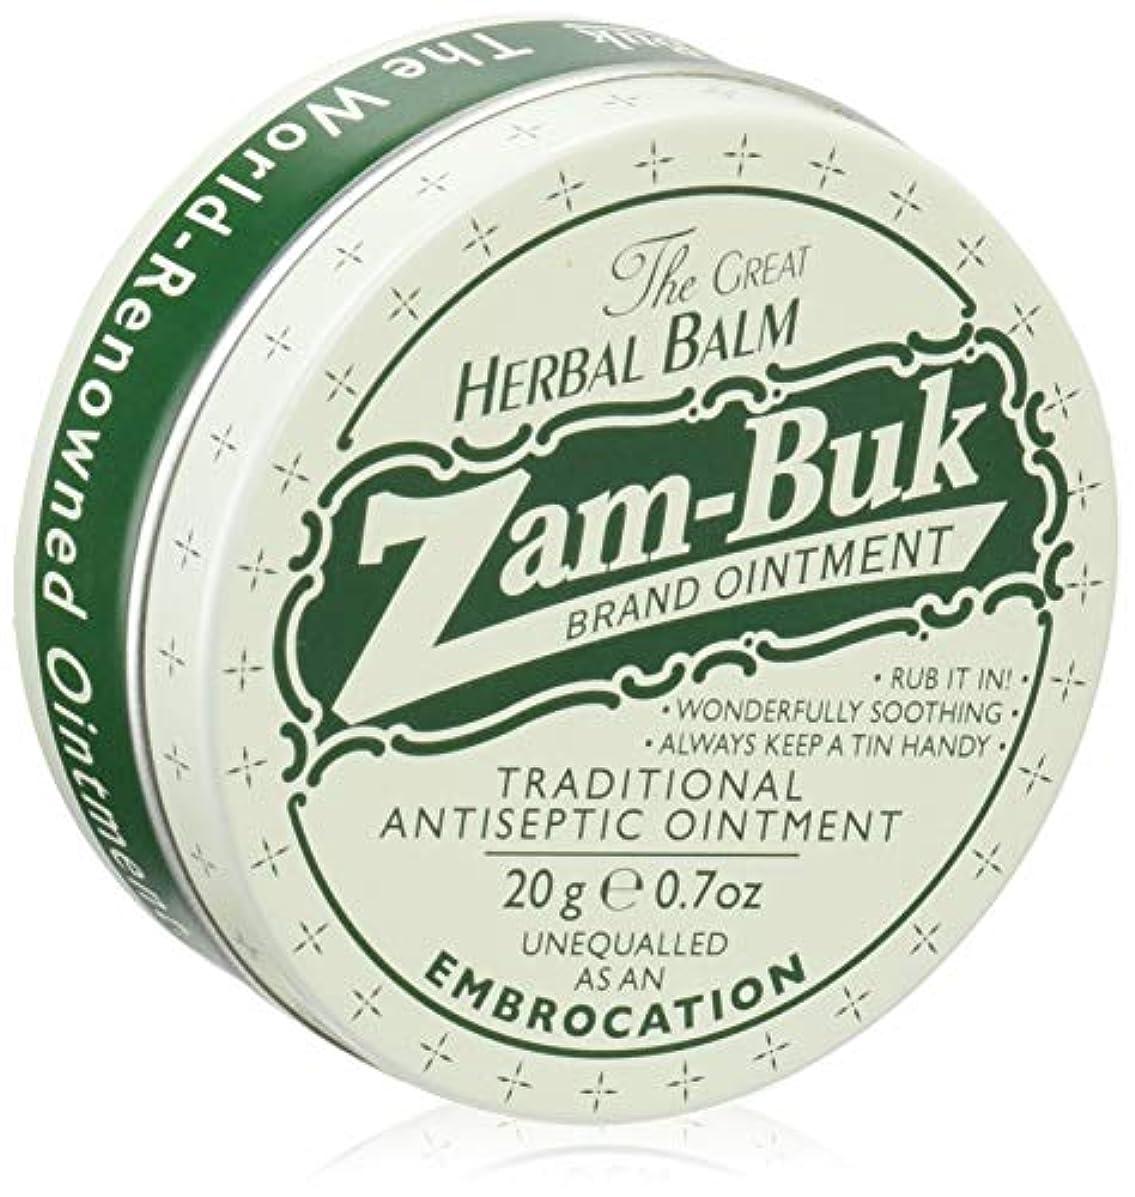 田舎者魅力的であることへのアピール竜巻Zam-Buk(ザムブック) ハーバル バーム (20g)